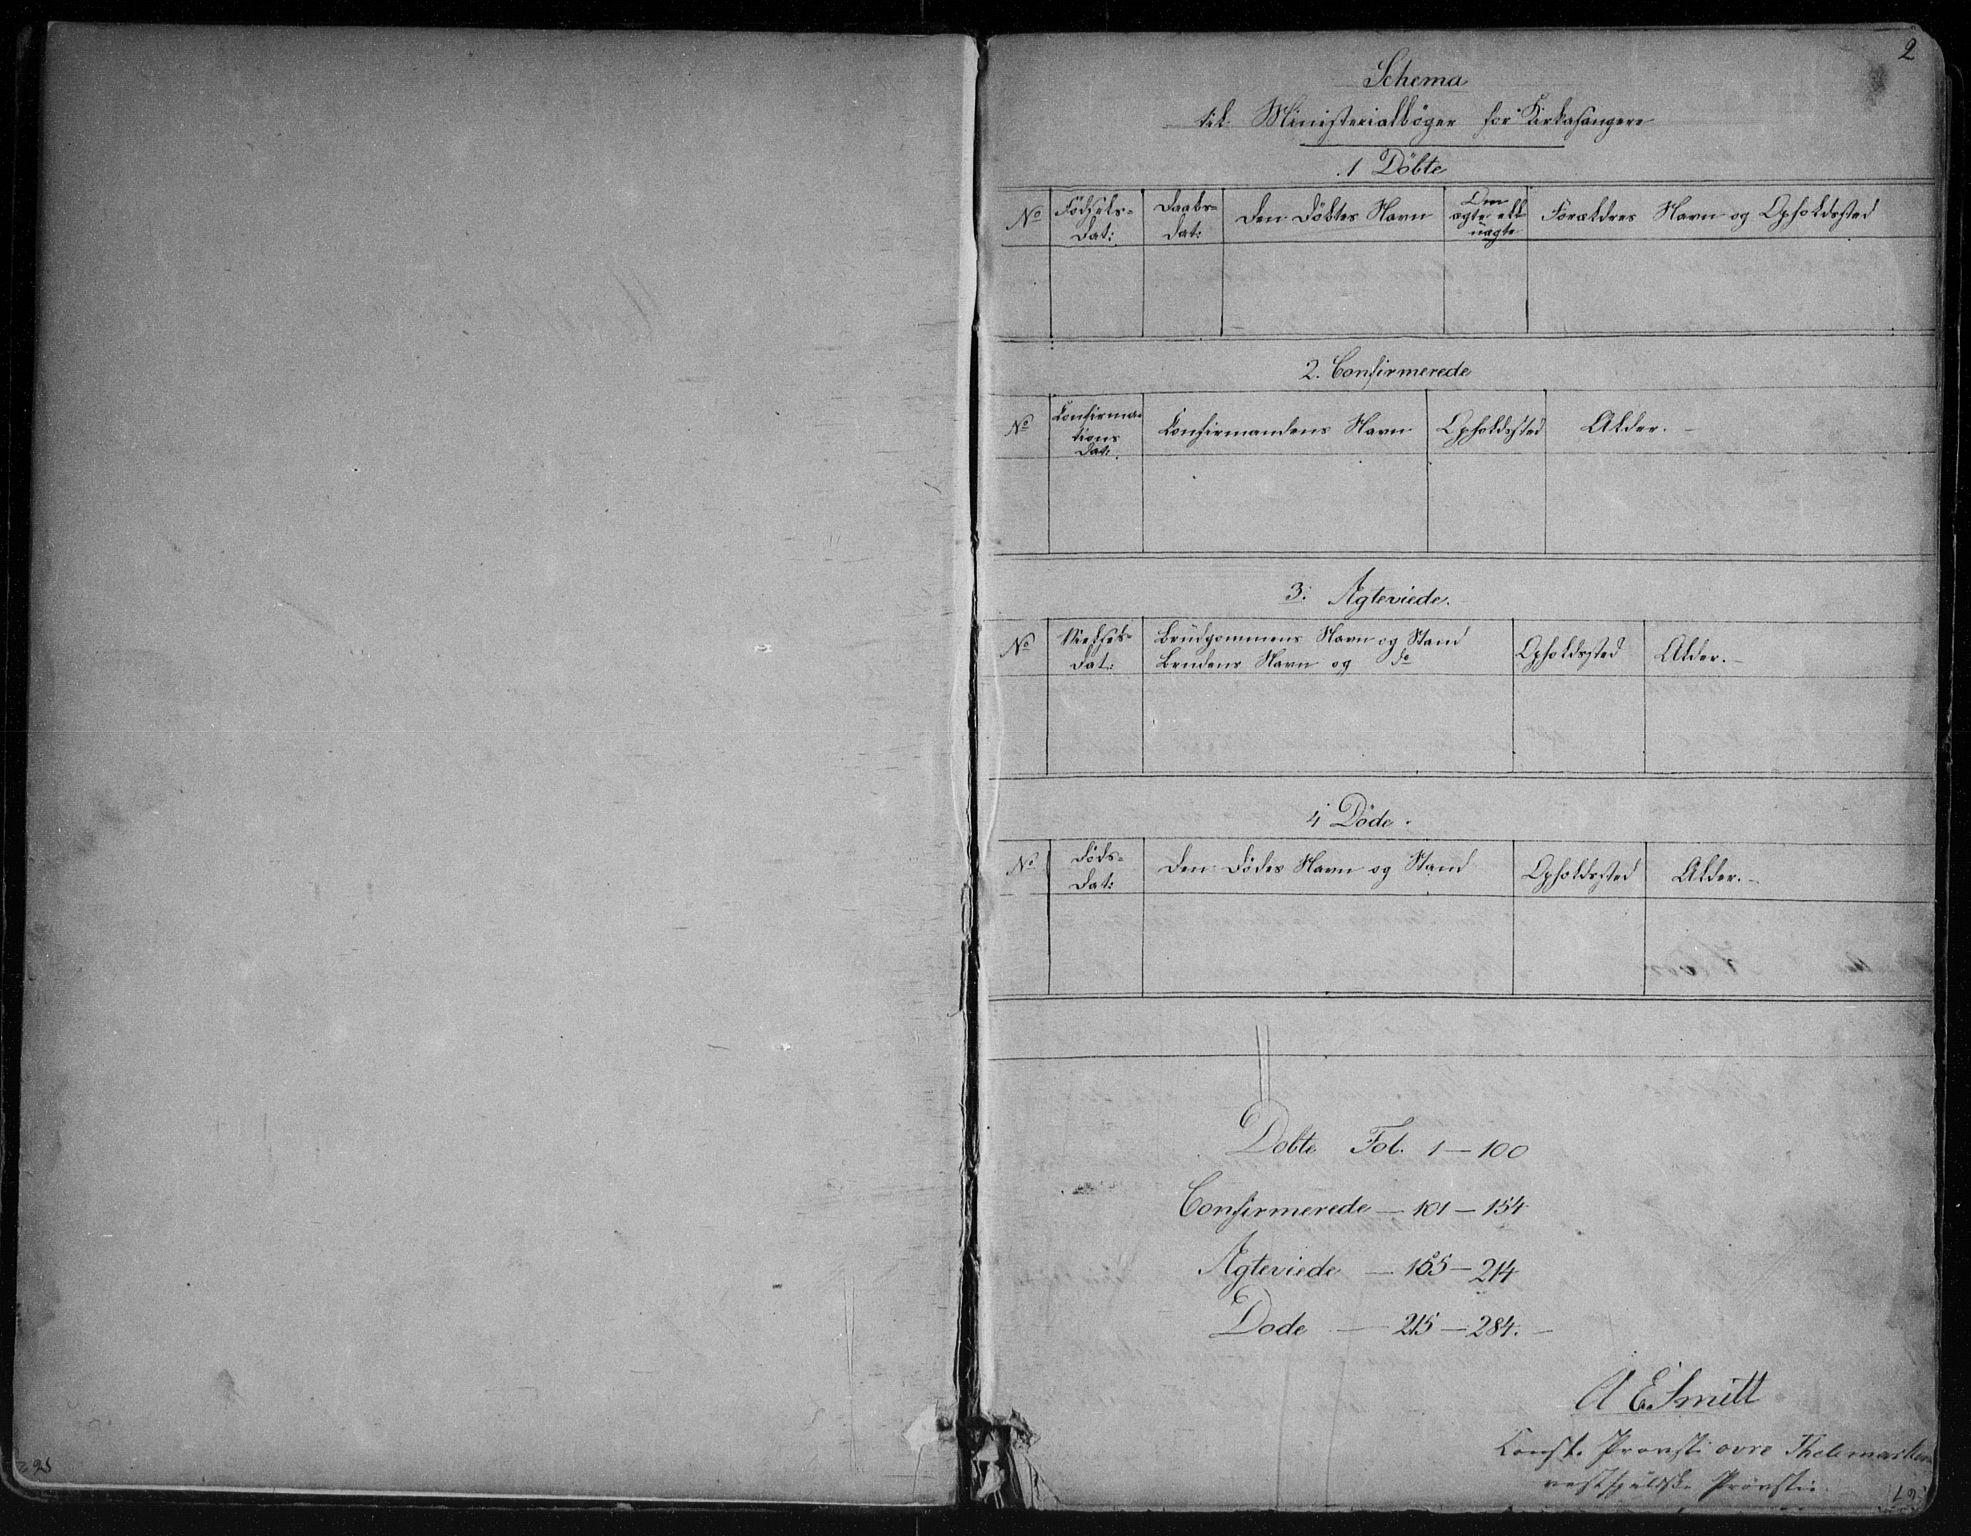 SAKO, Vinje kirkebøker, G/Ga/L0002: Klokkerbok nr. I 2, 1849-1893, s. 2